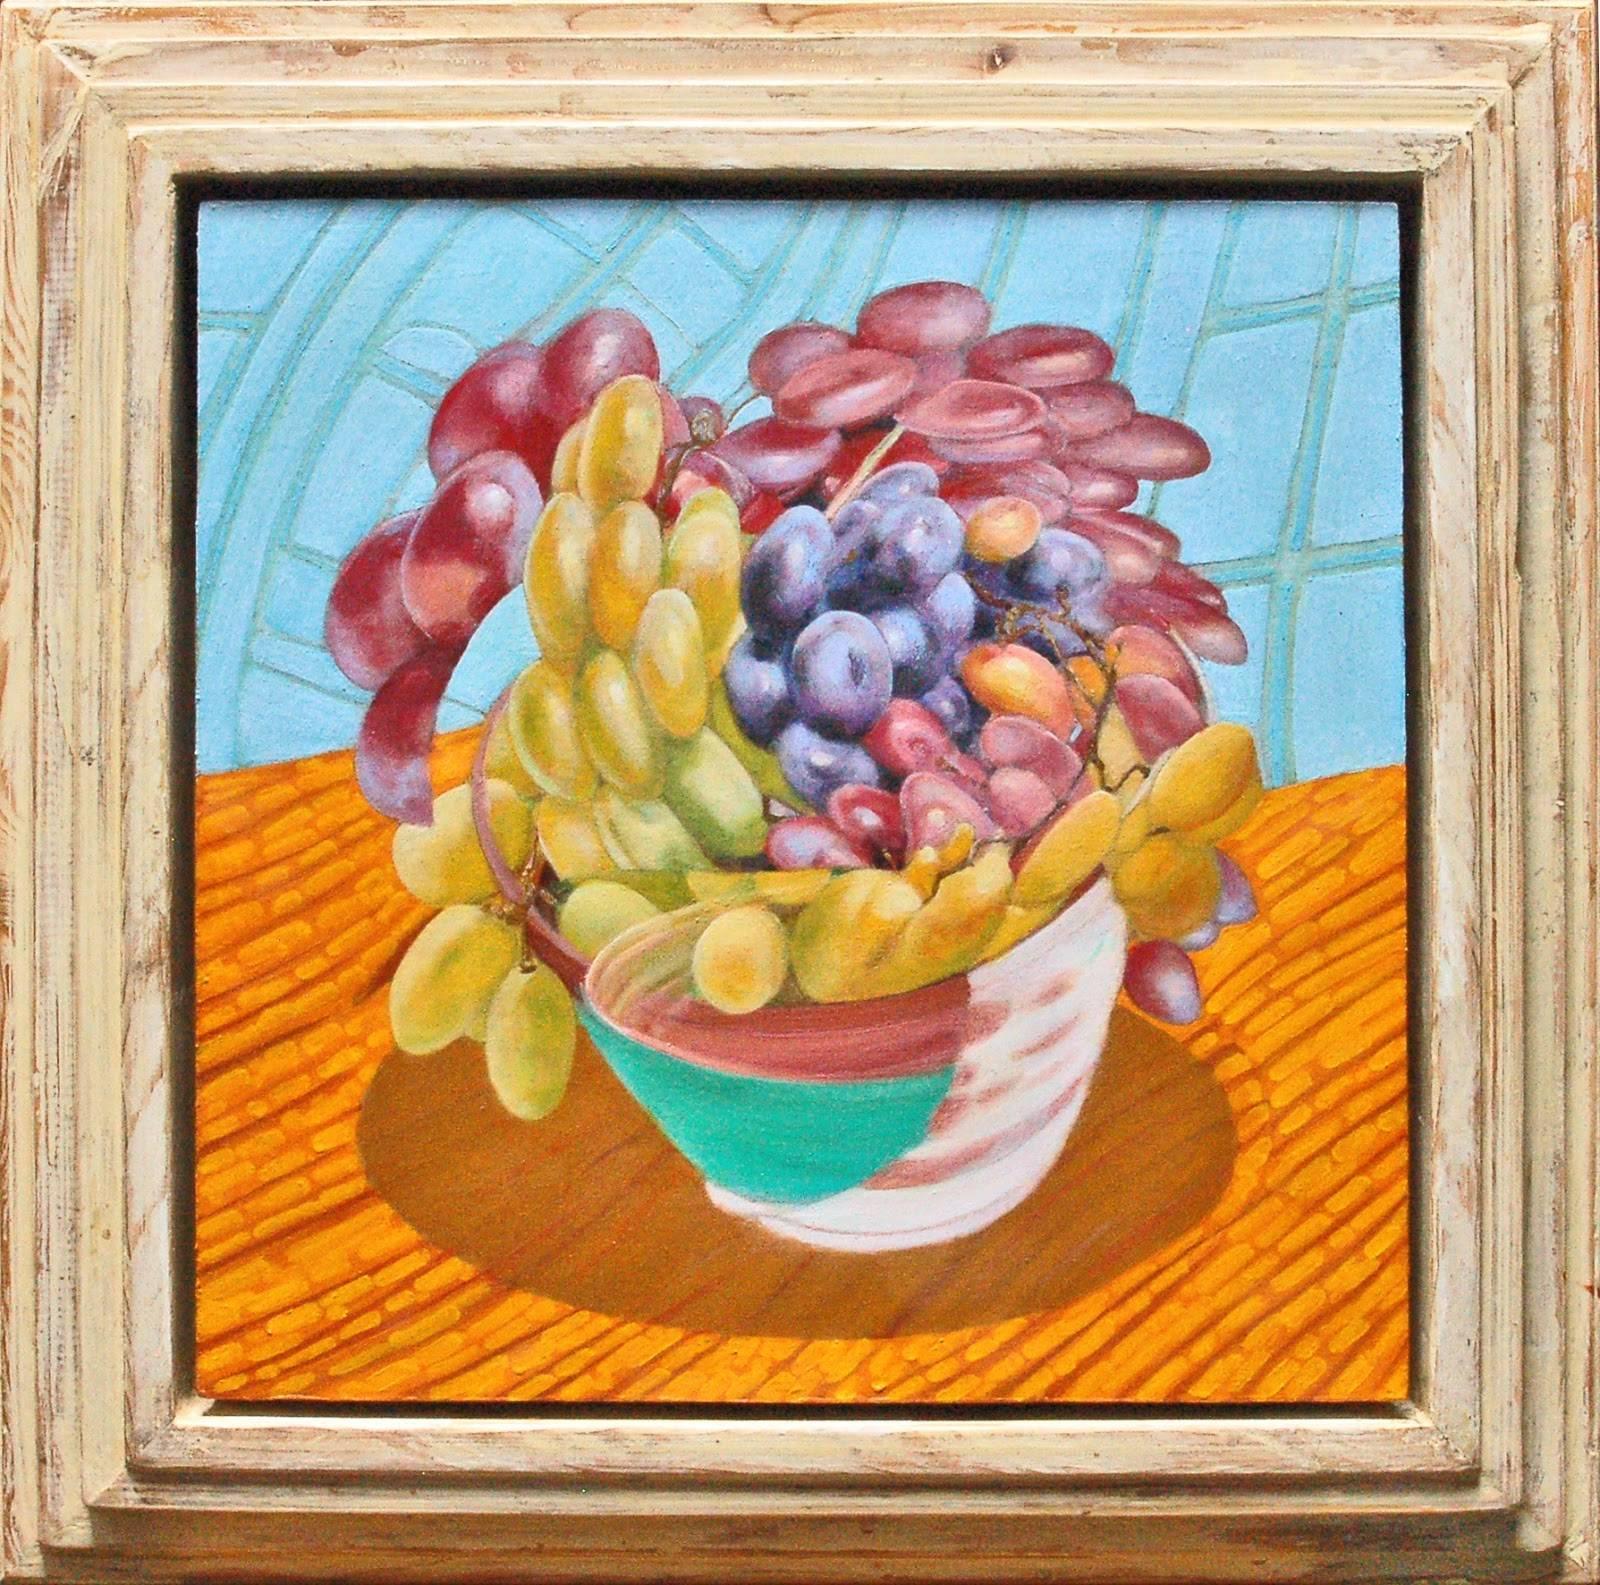 Fruit Bowl #3